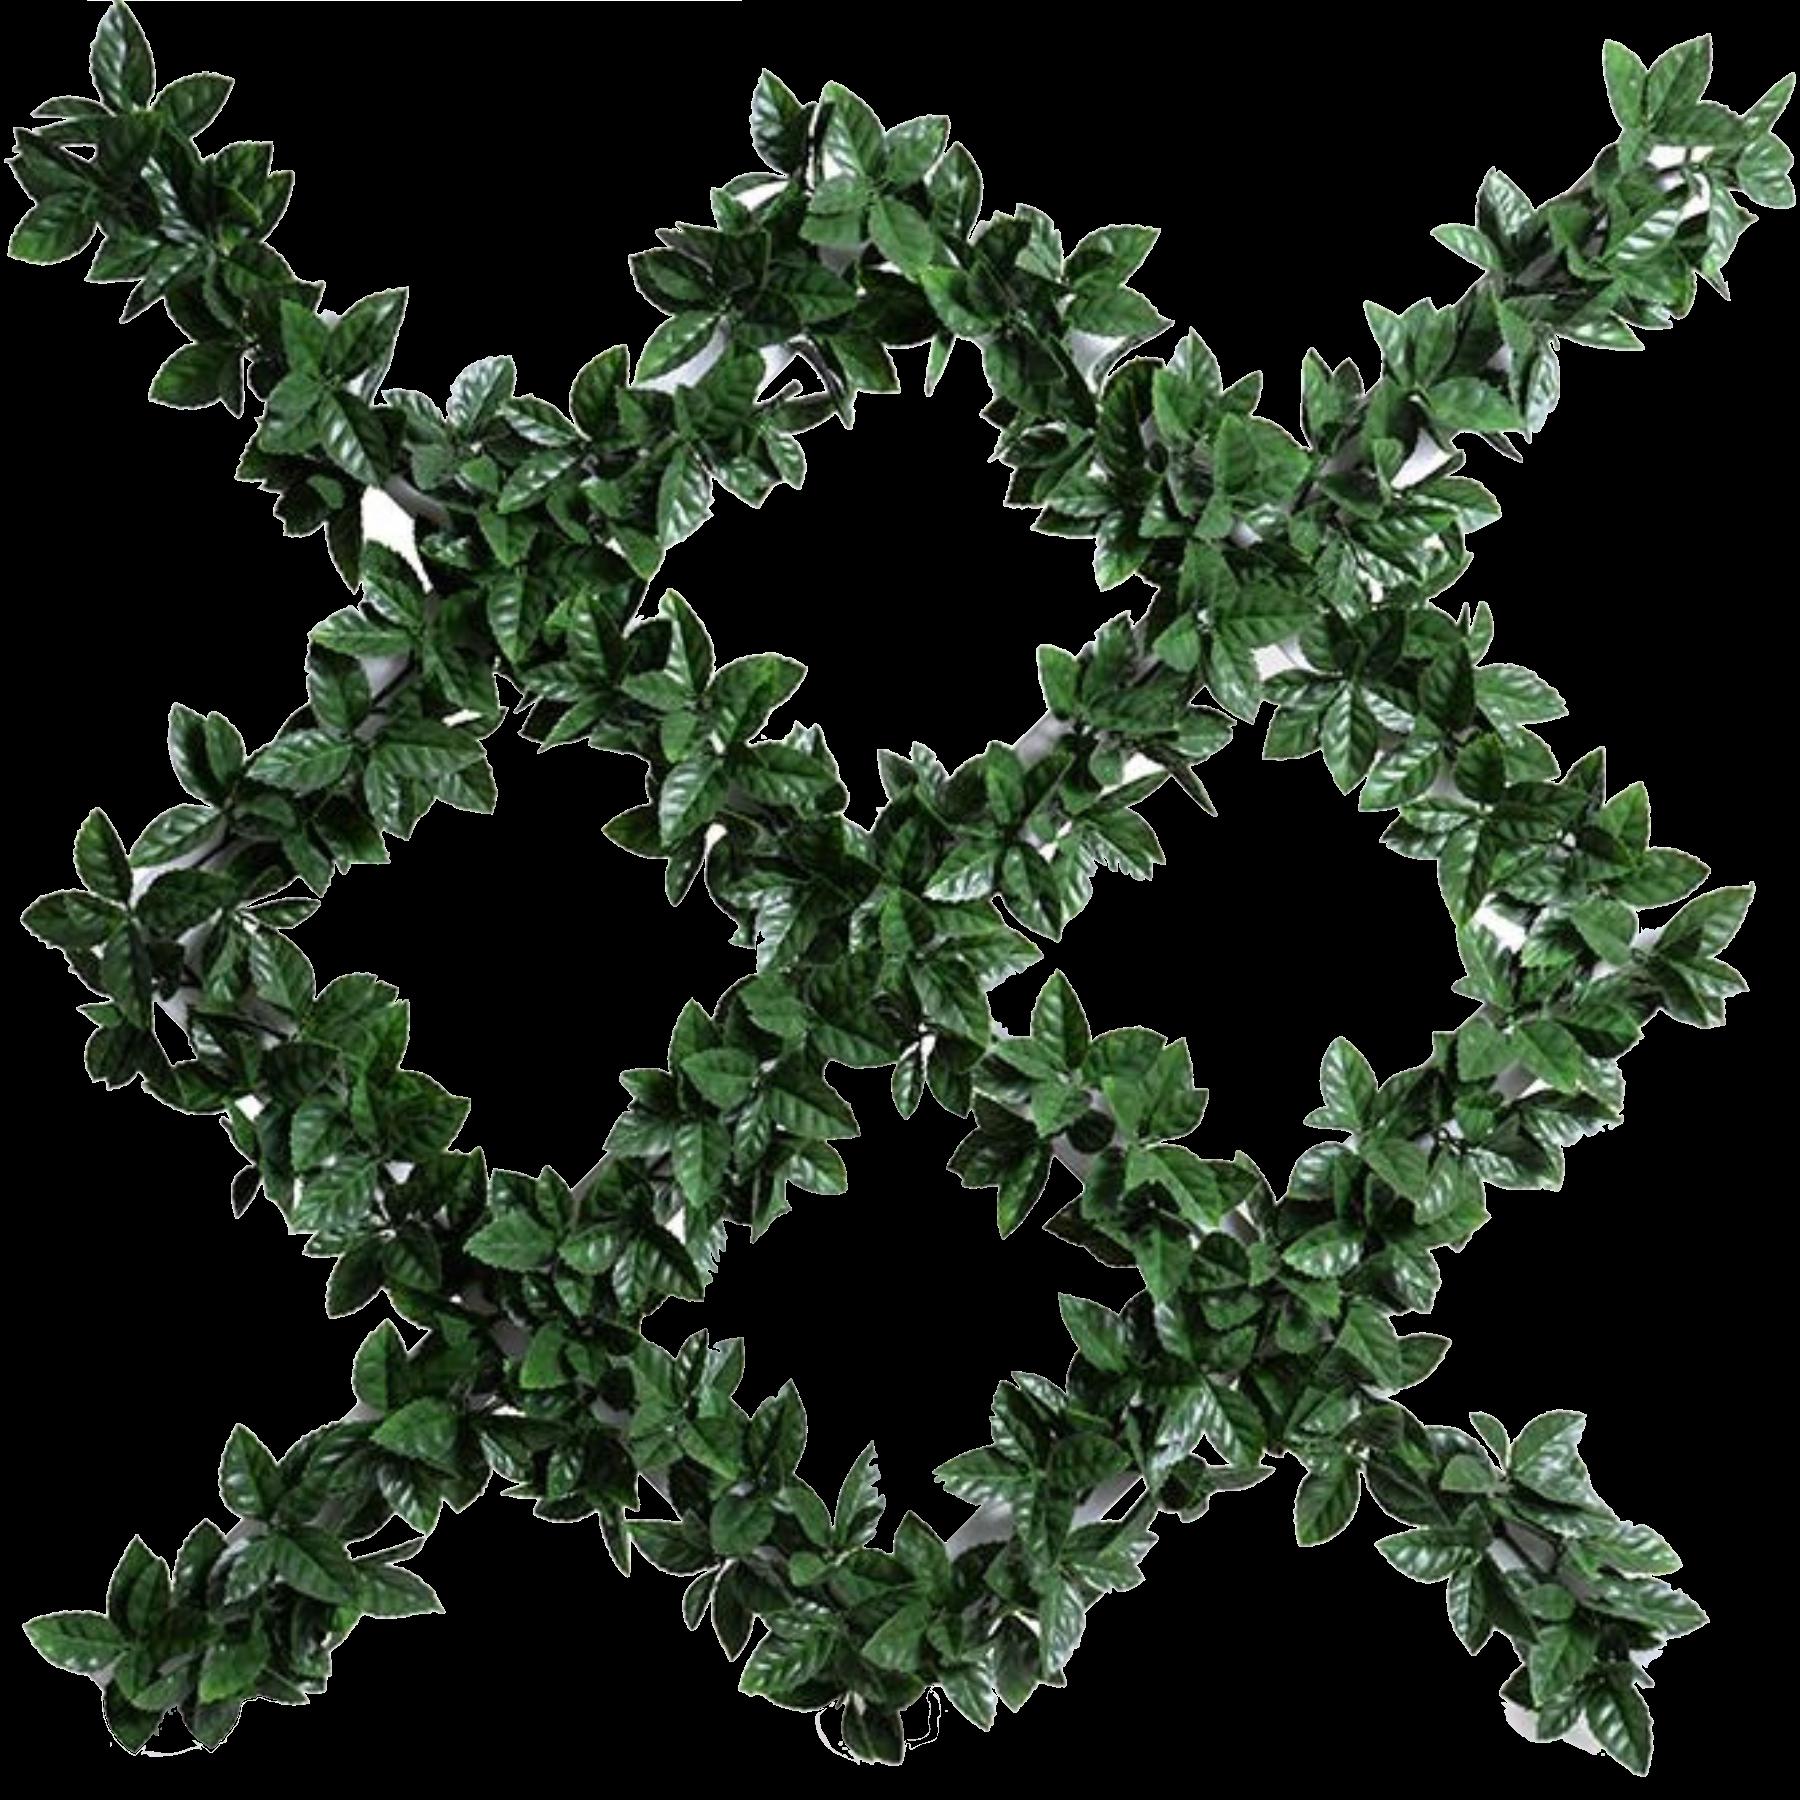 enduraleaf-ivy-trellis panels connect together